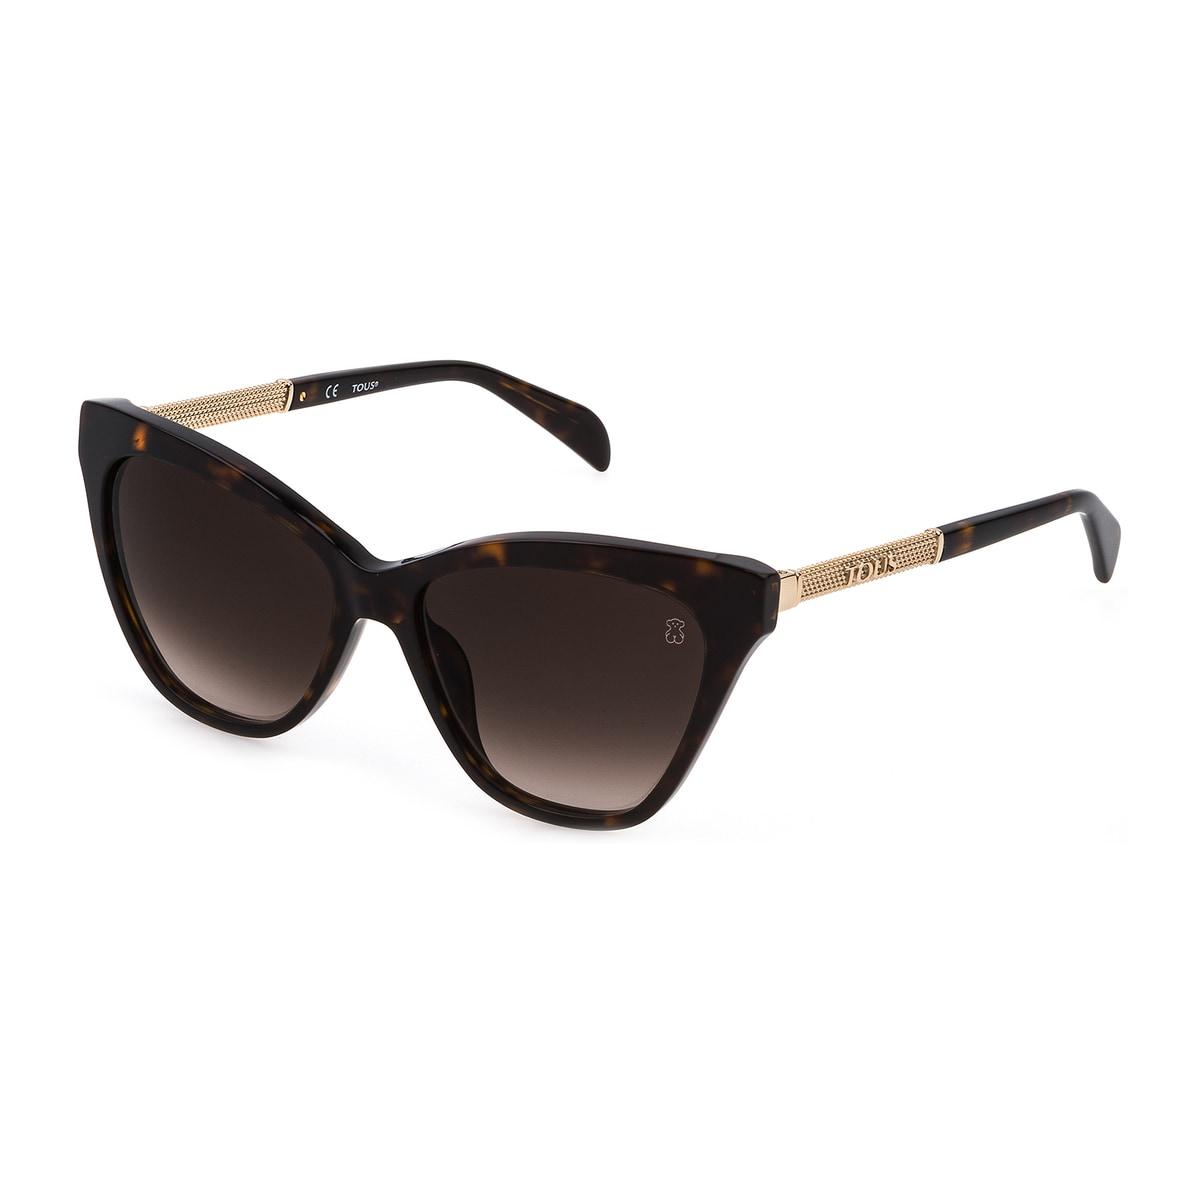 Brown Mesh Sunglasses